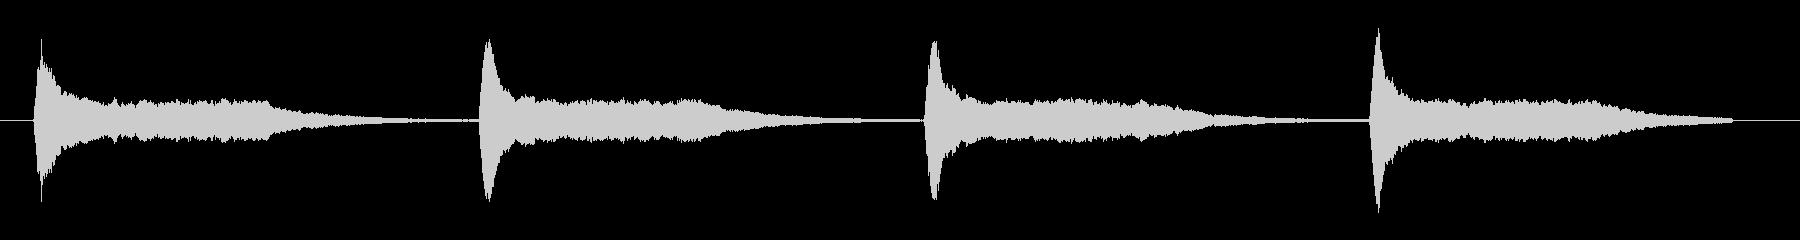 ゲーム系、ロボットのサイレン音。の未再生の波形